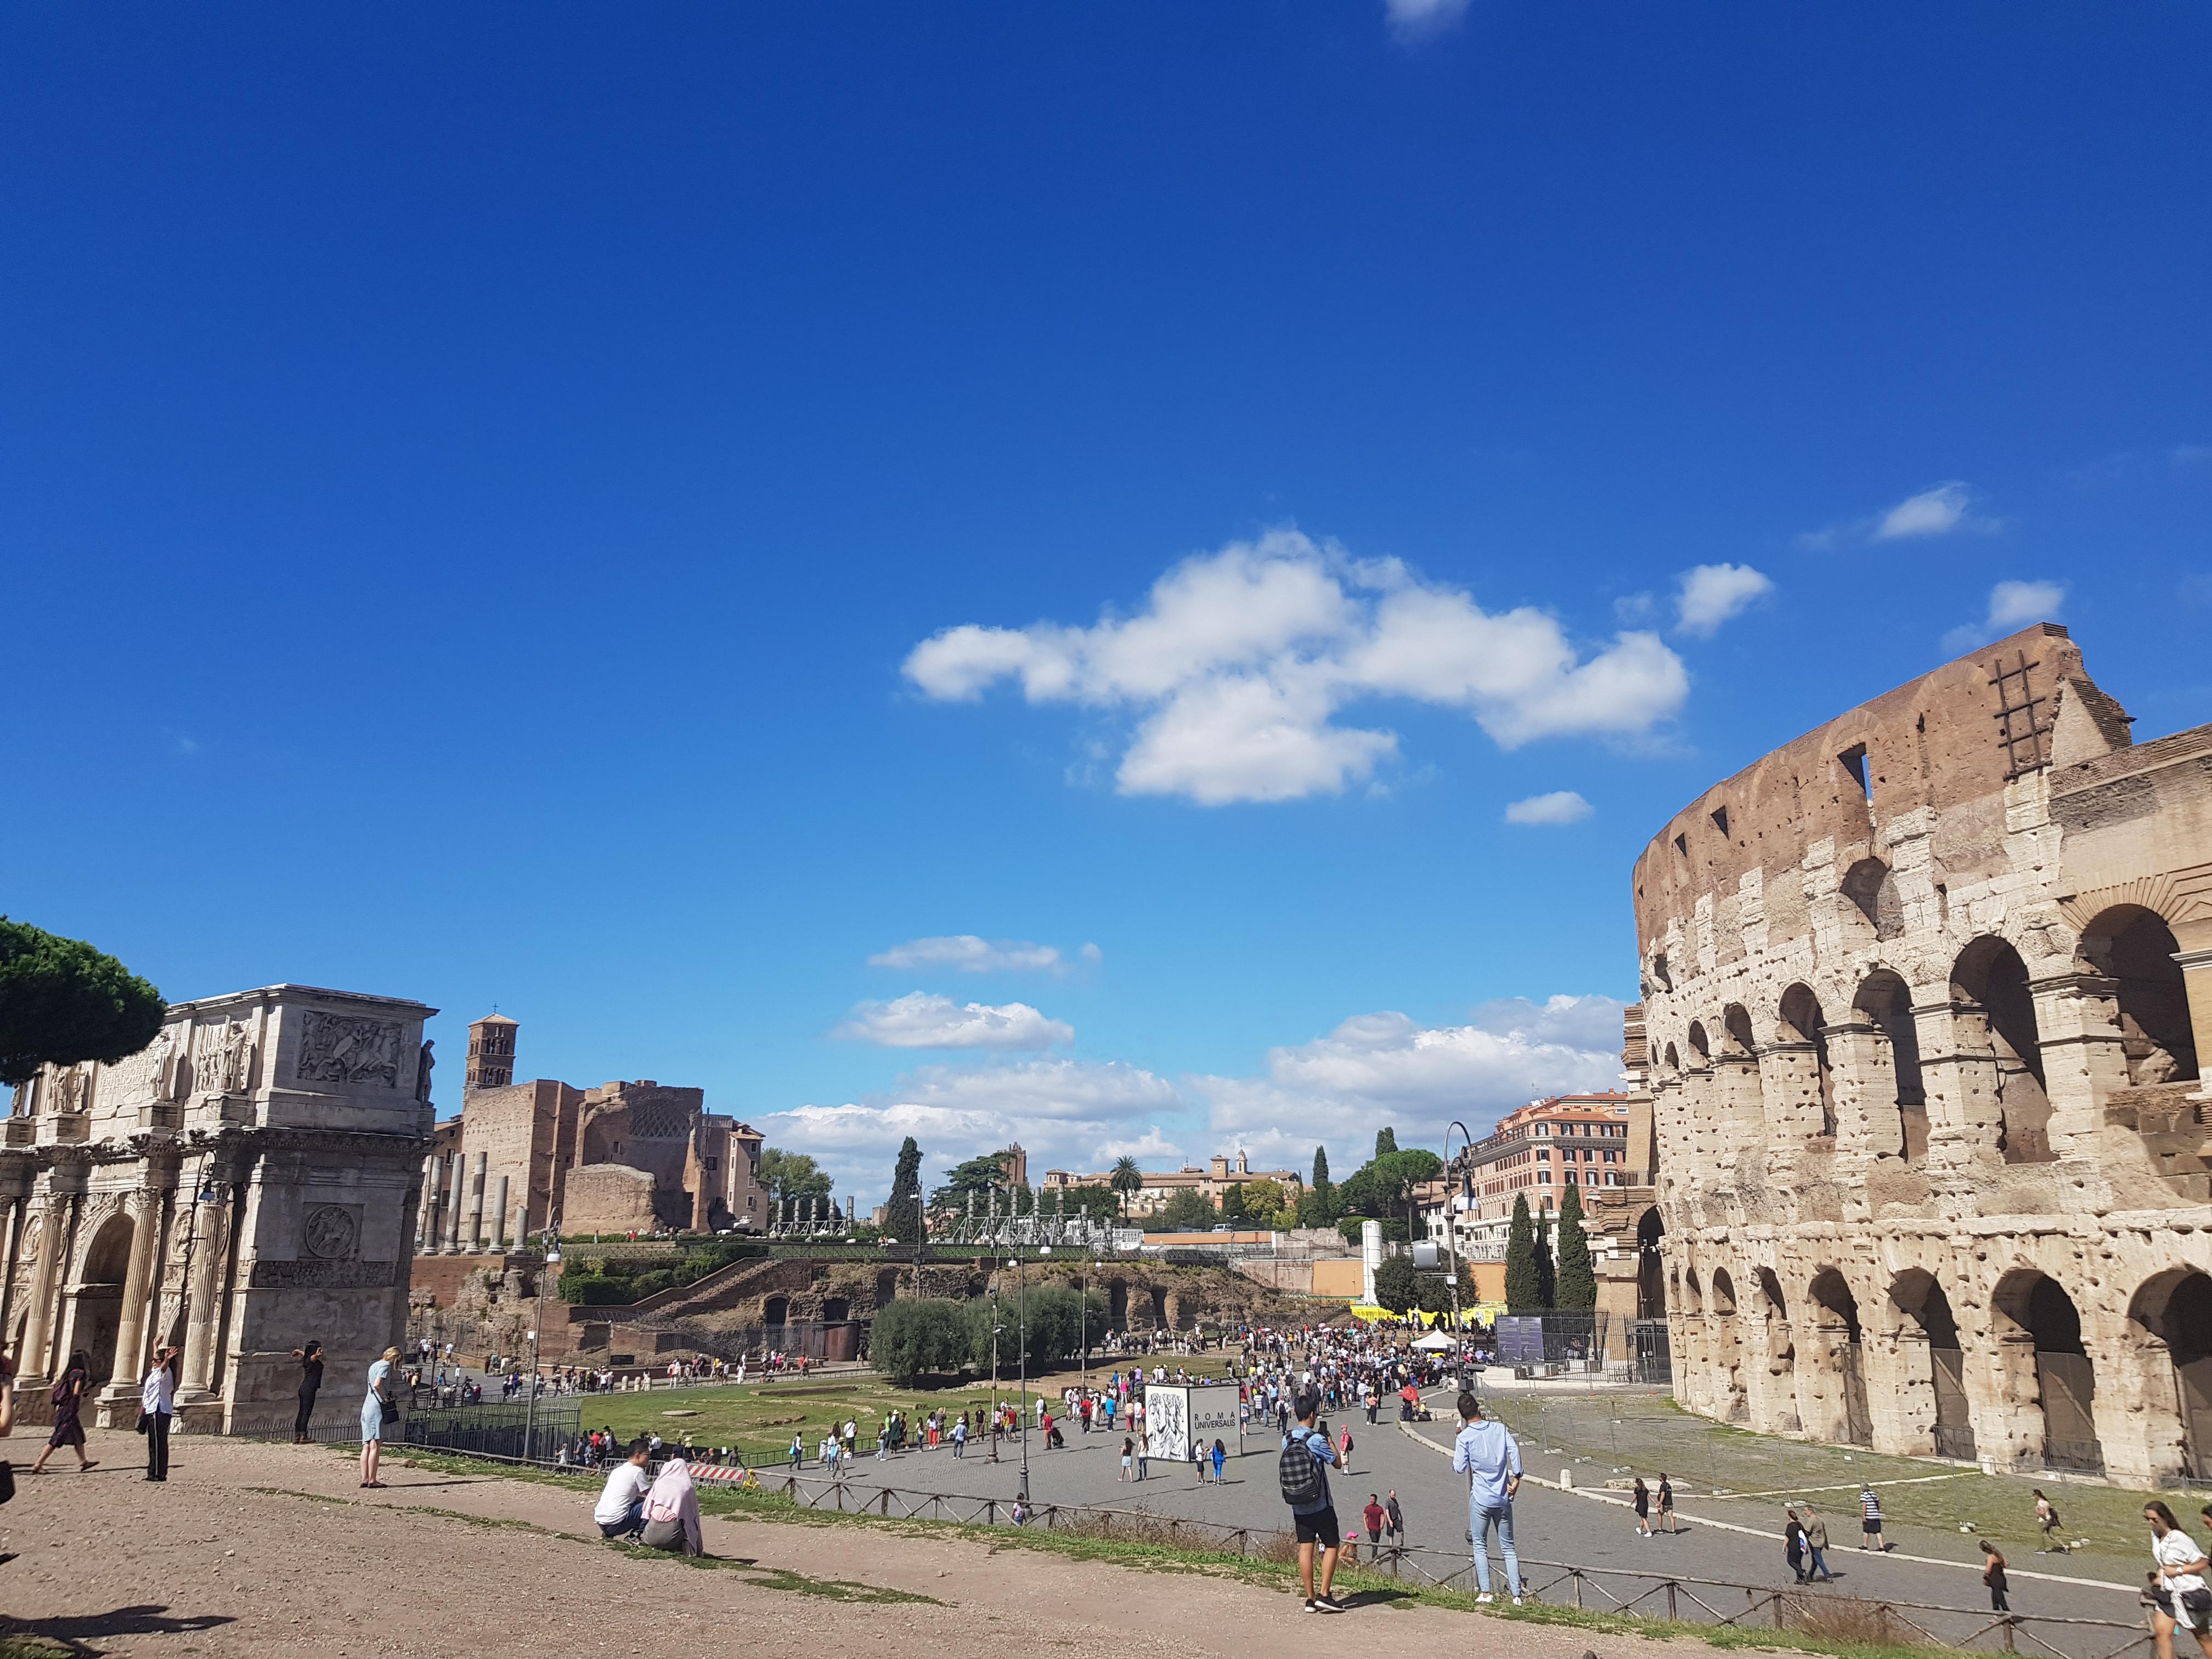 Kreuzfahrt nach Rom: Hafen, Ausflüge & Sehenswürdigkeiten